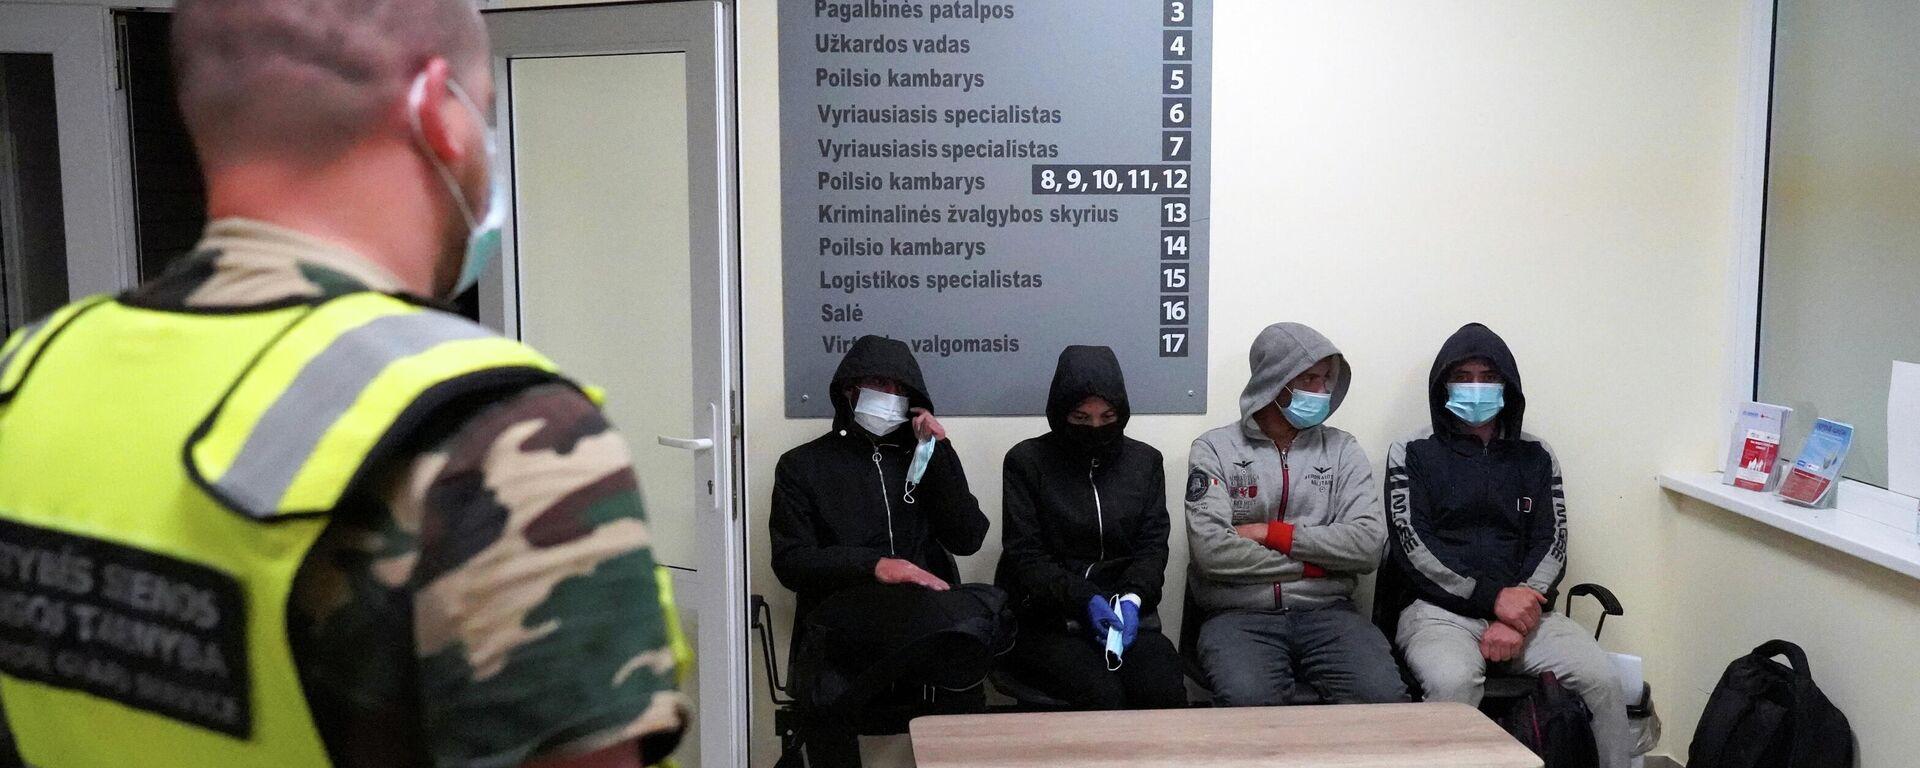 Нелегальные мигранты, задержанные при пересечении белорусско-литовской границы - Sputnik Латвия, 1920, 28.07.2021